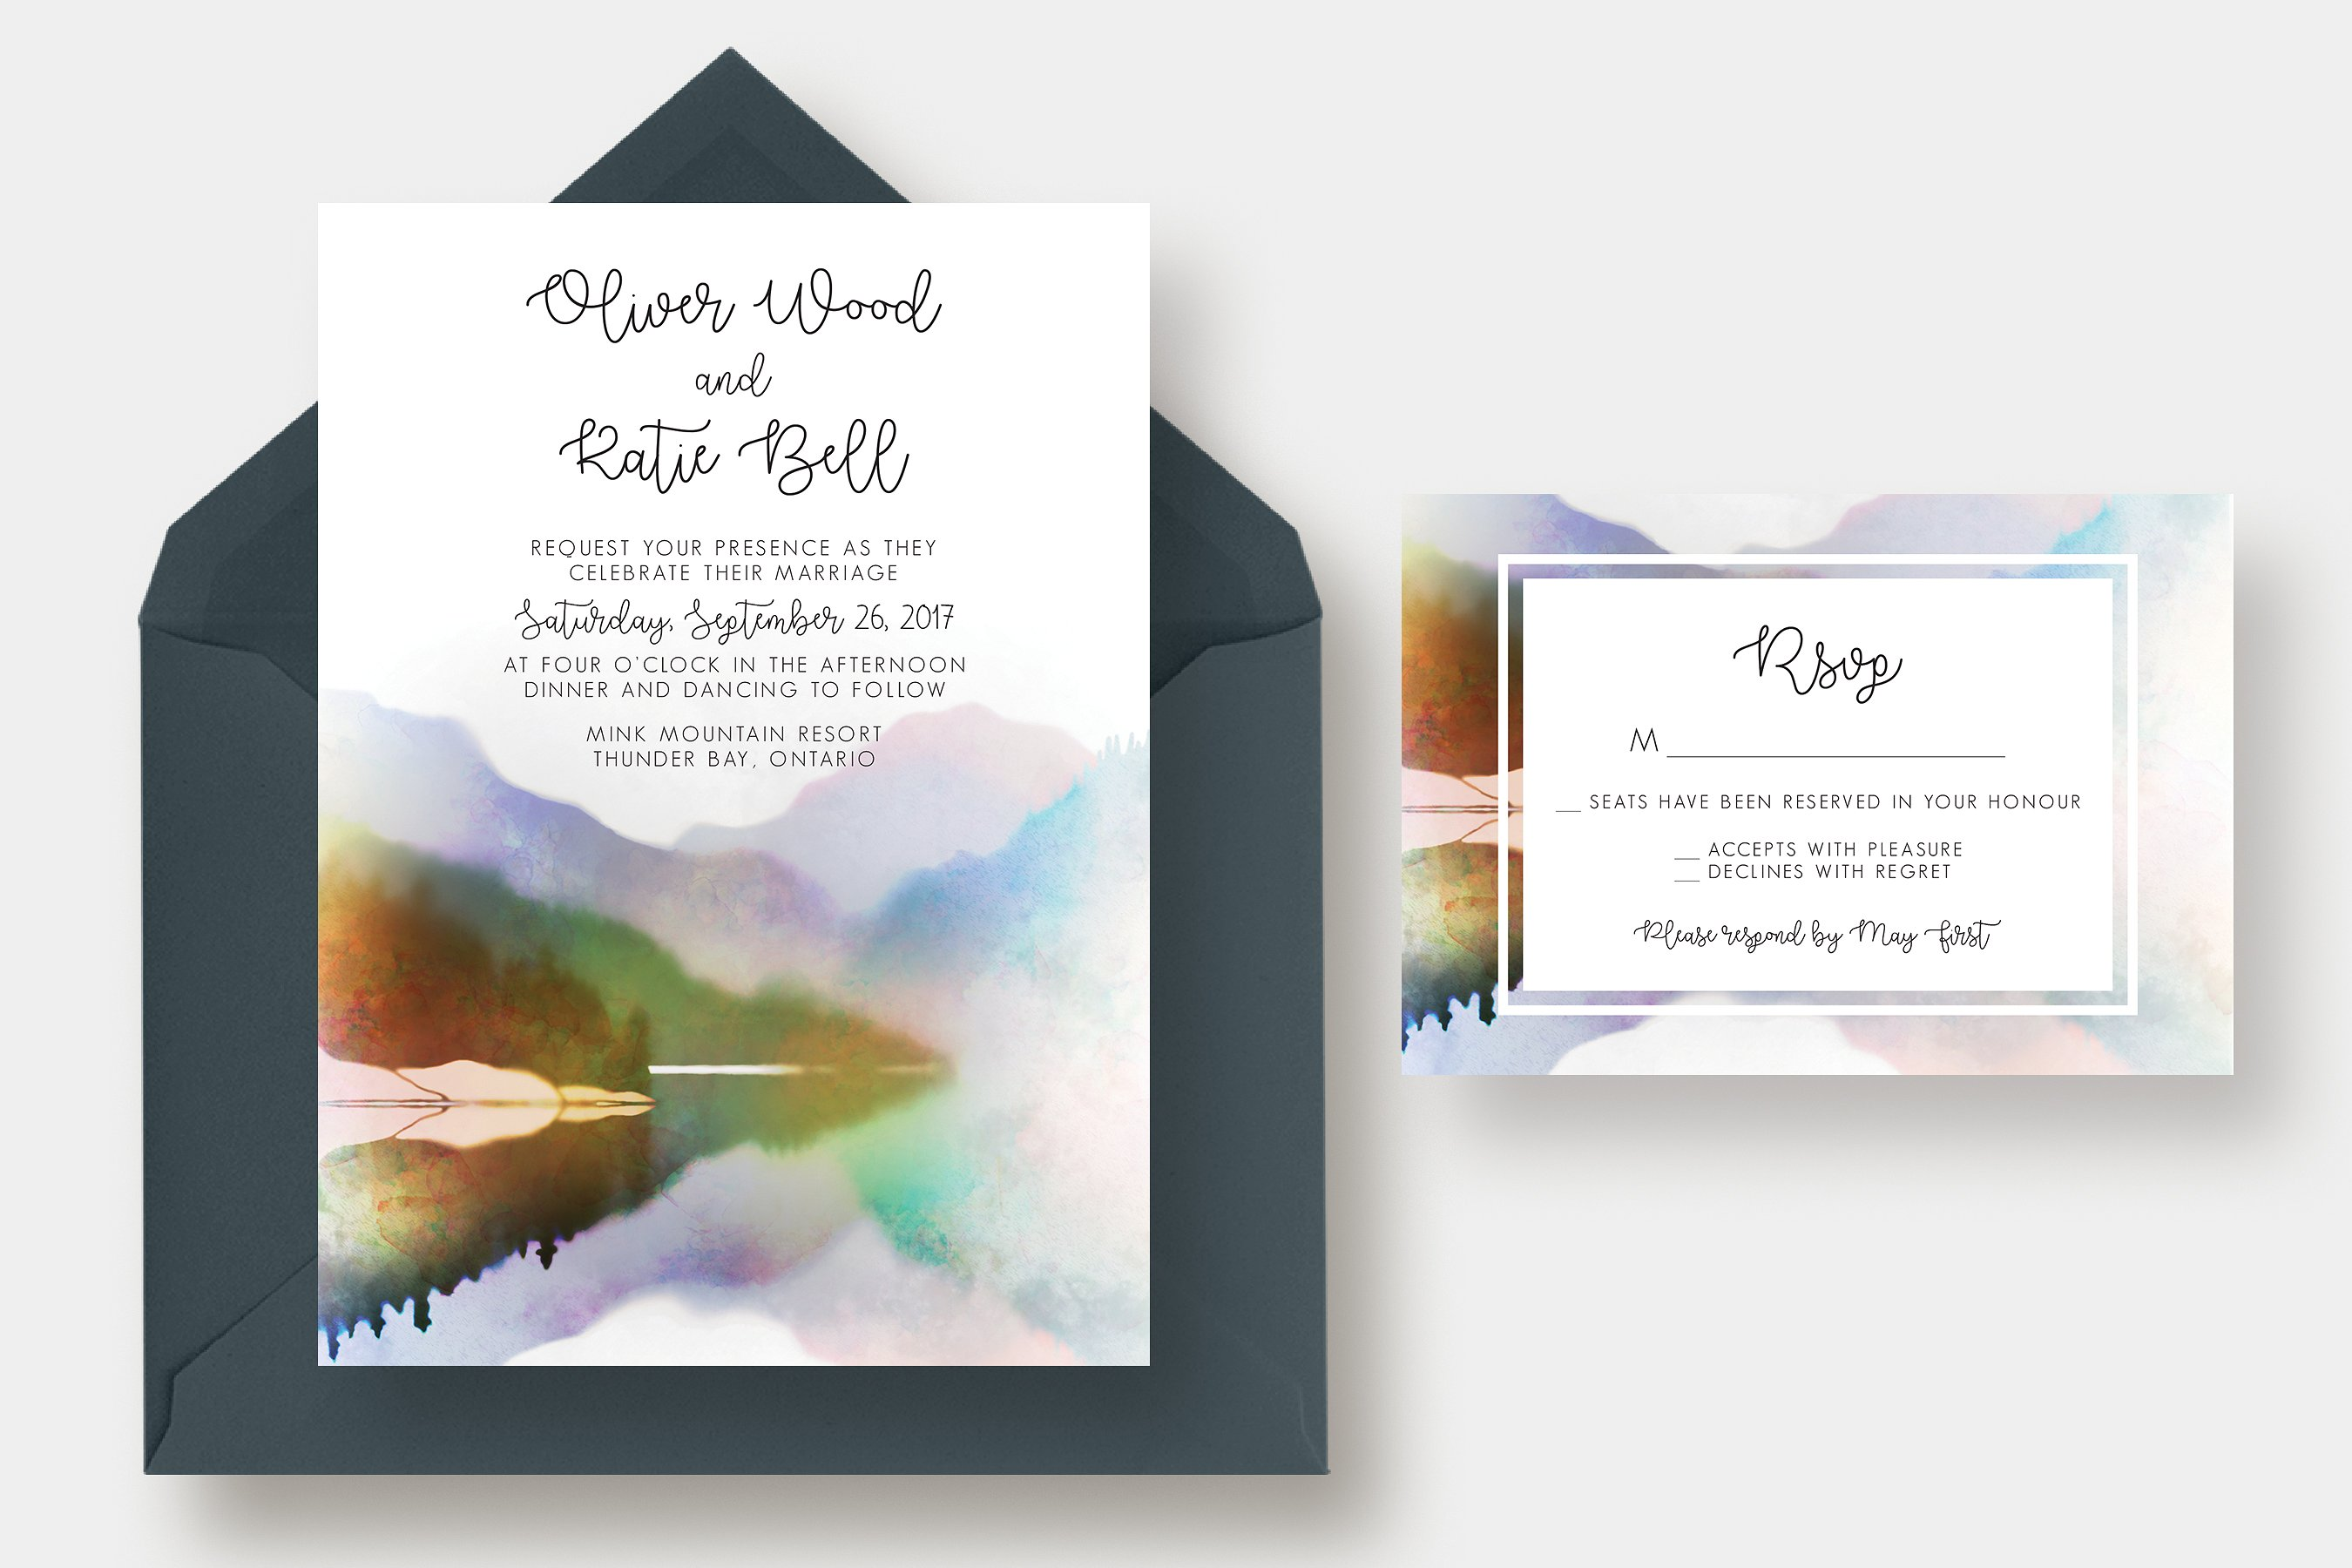 PSD Thiệp cưới - PSD Thiệp cưới tranh sơn dầu